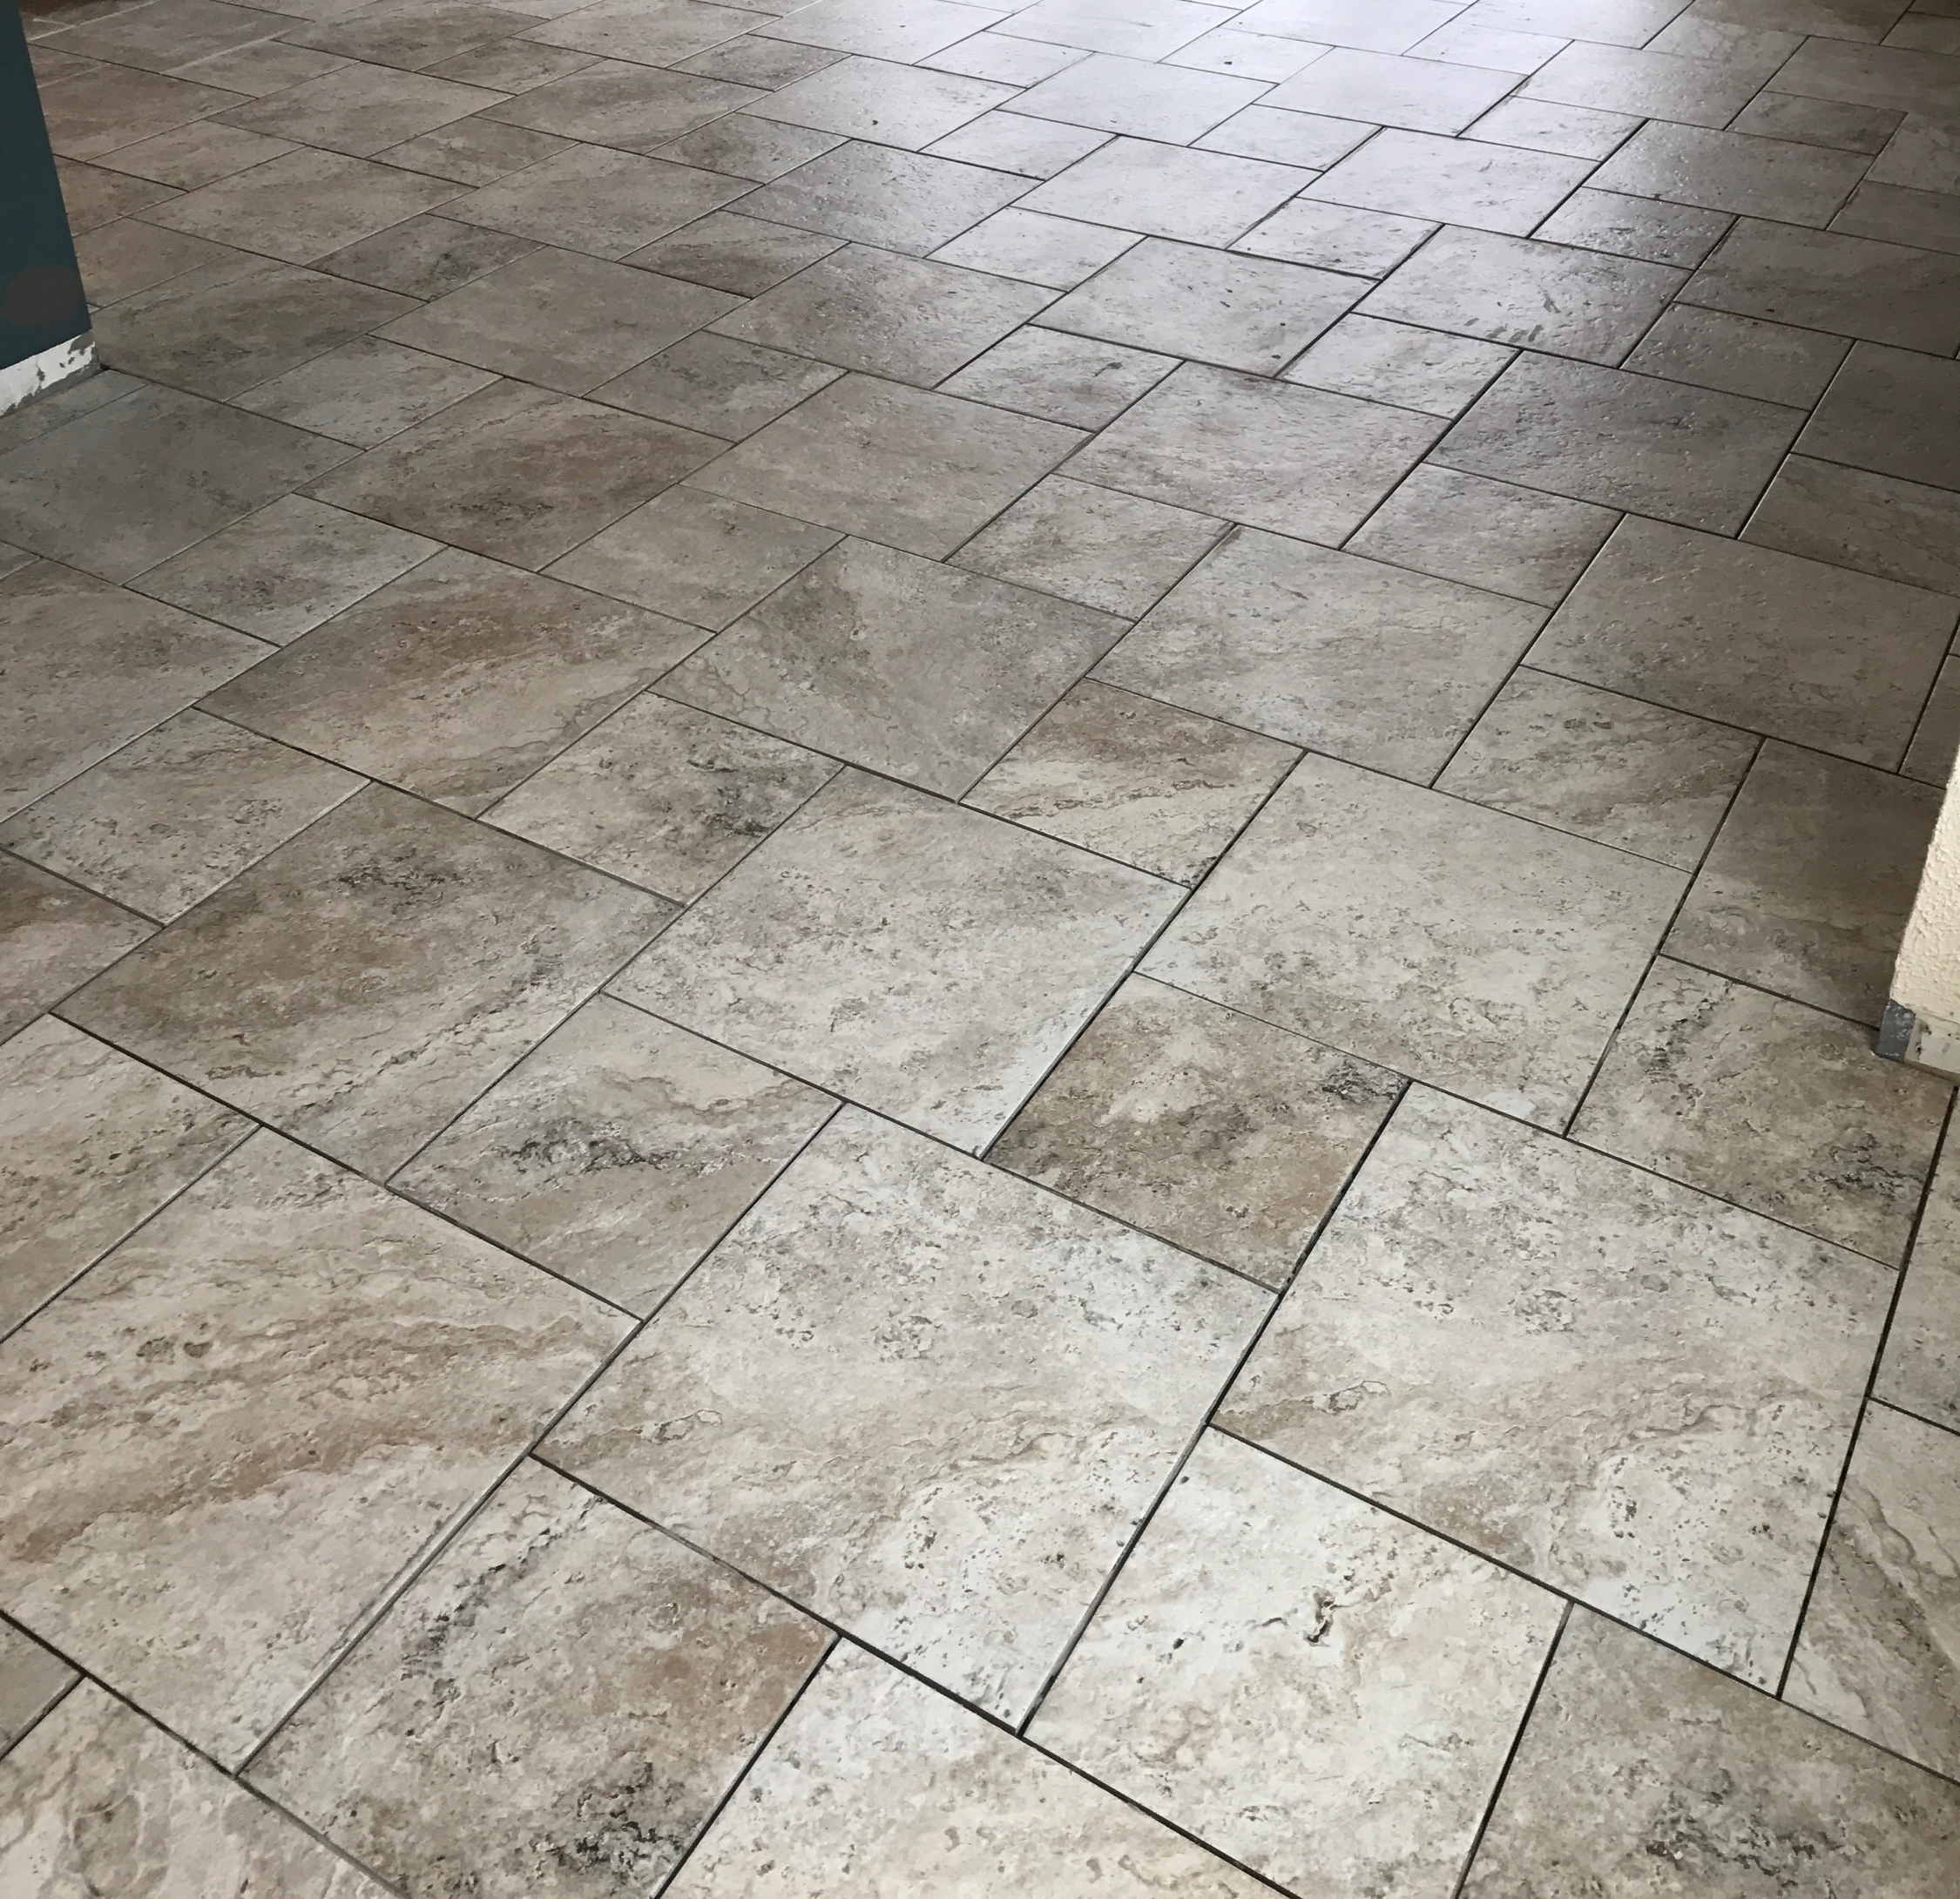 tile flooring.jpg